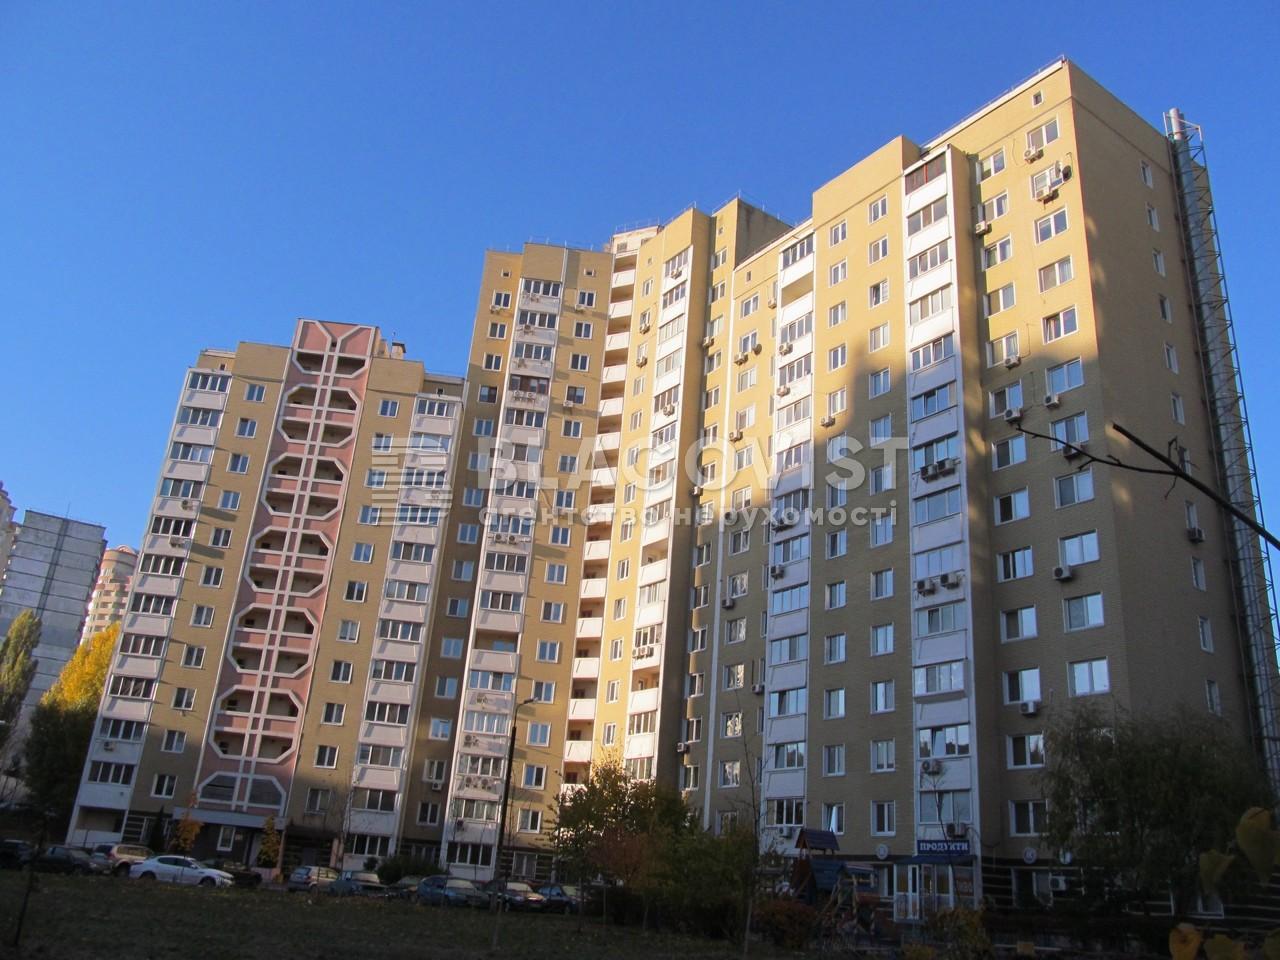 Квартира F-43945, Гонгадзе (Машиностроительная), 21а, Киев - Фото 2